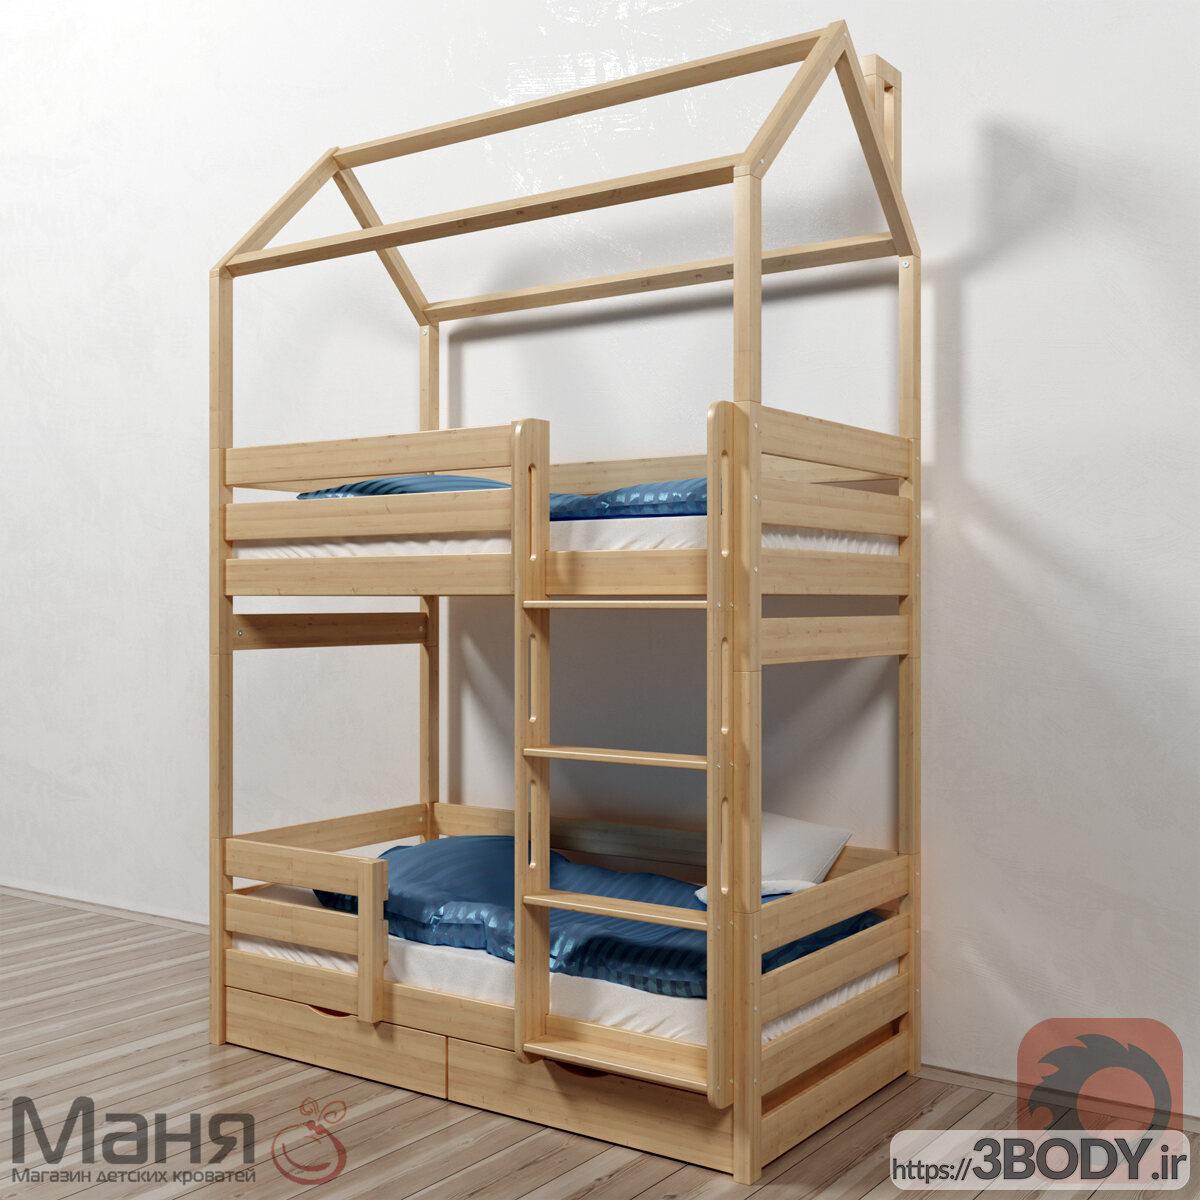 مدل سه بعدی تخت خواب بچه تخت دو طبقه عکس 1